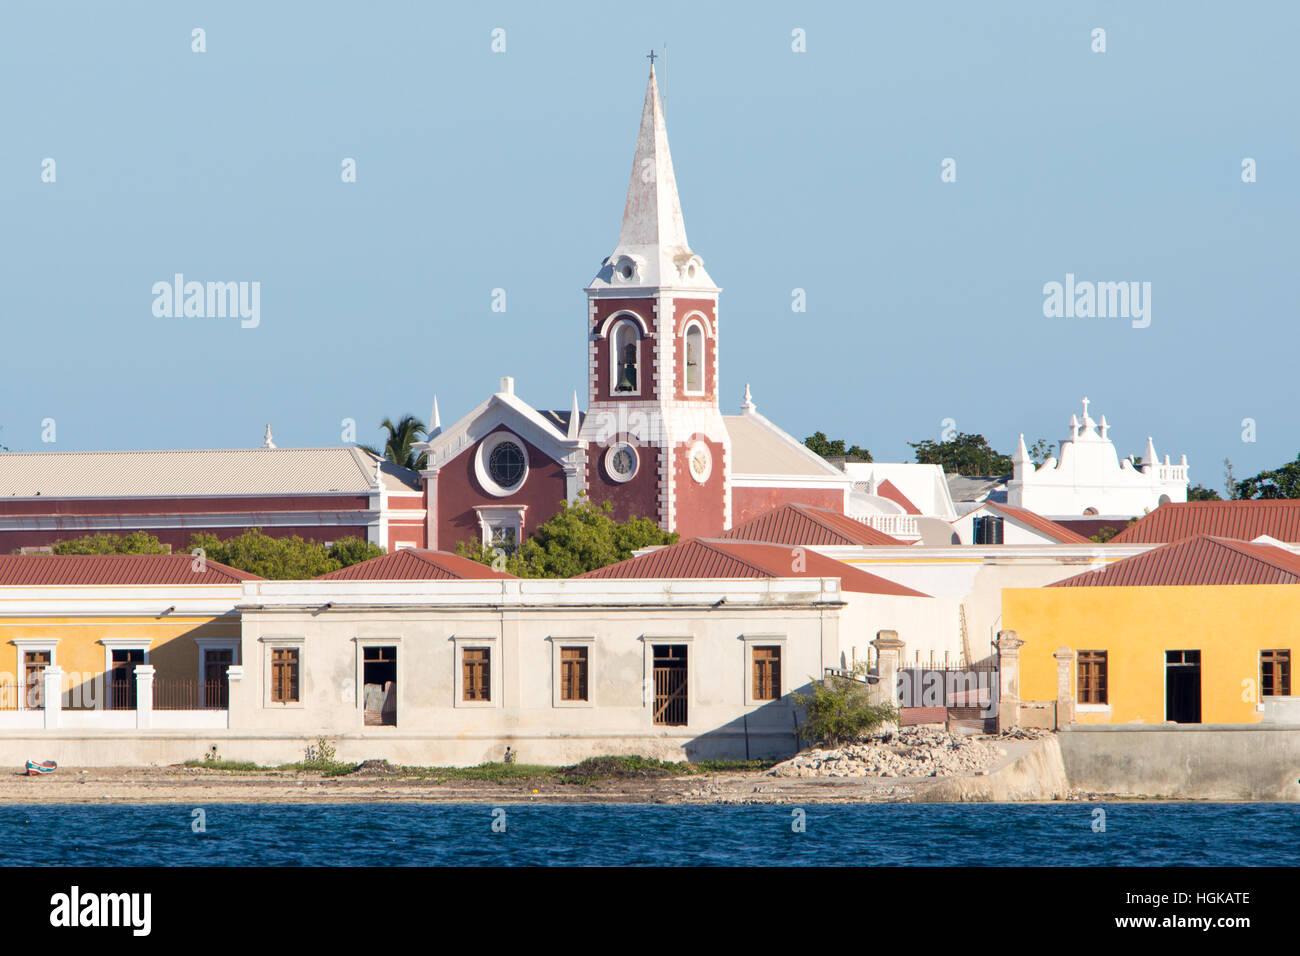 Isola di Mozambico (Ilha de Mocambique), Mozambico Immagini Stock